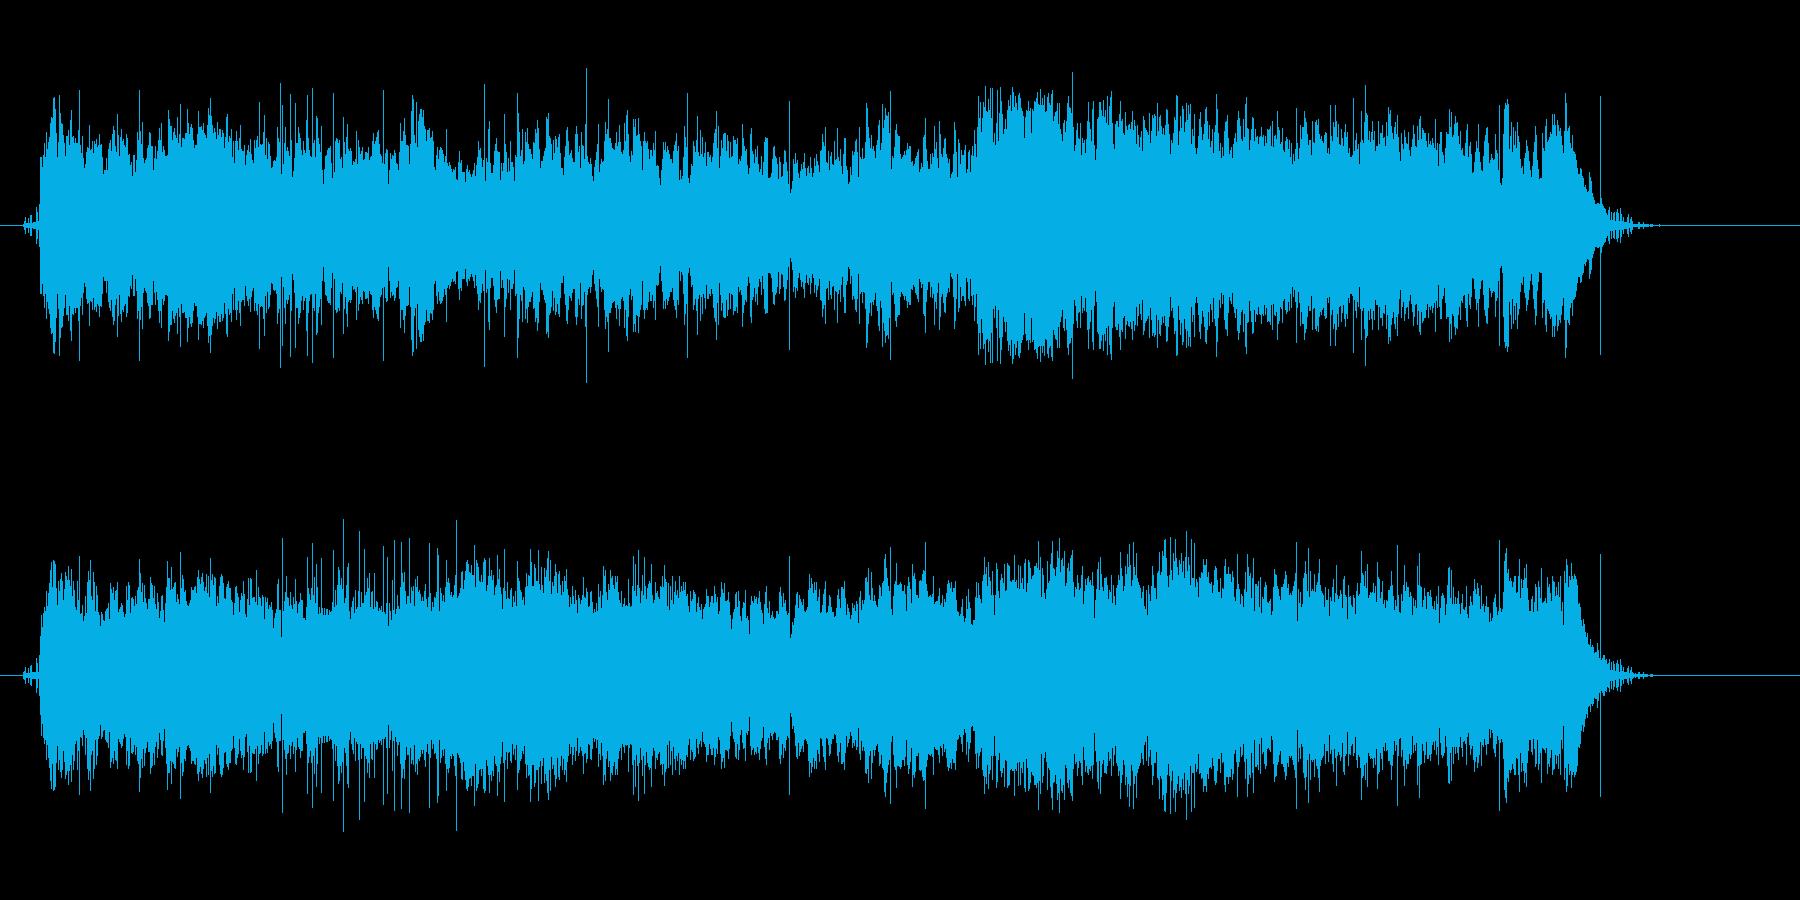 マカロニウェスタンの映画音楽の再生済みの波形